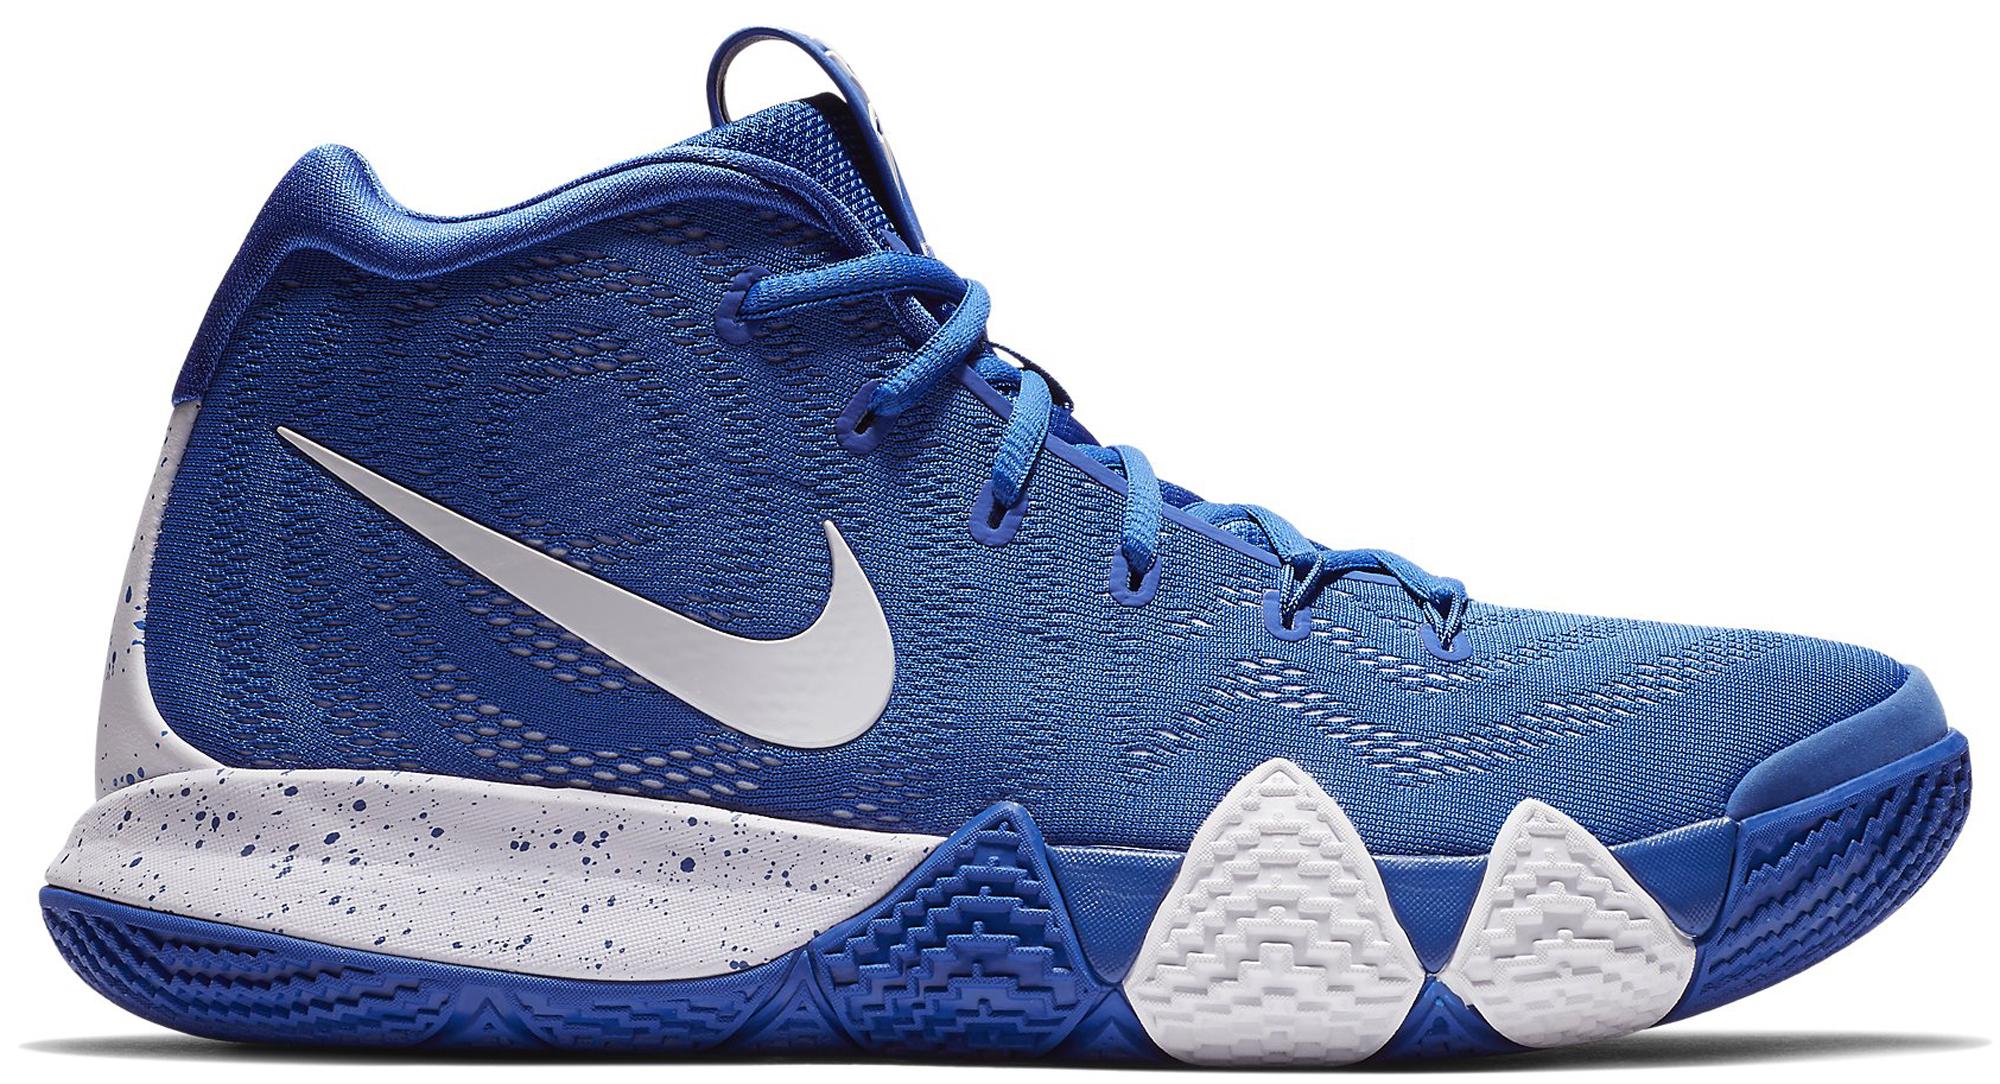 Nike Kyrie 4 Game Royal - AV2296-400